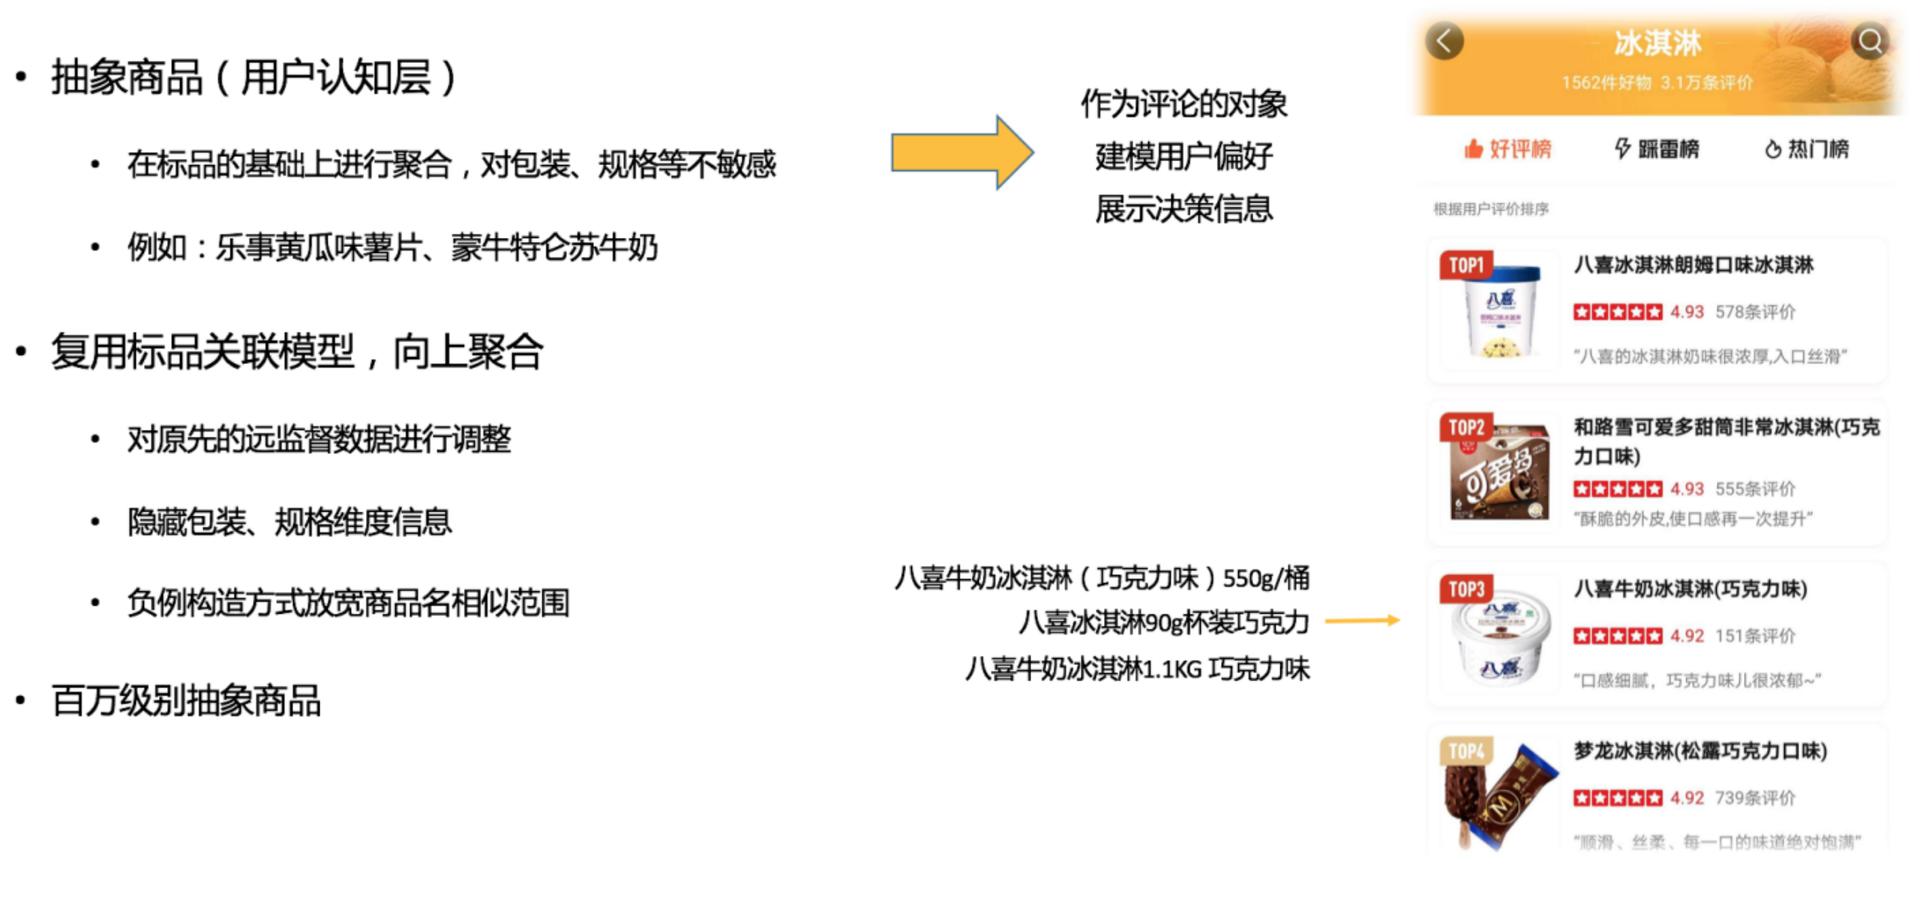 图8 商品图谱抽象商品聚合